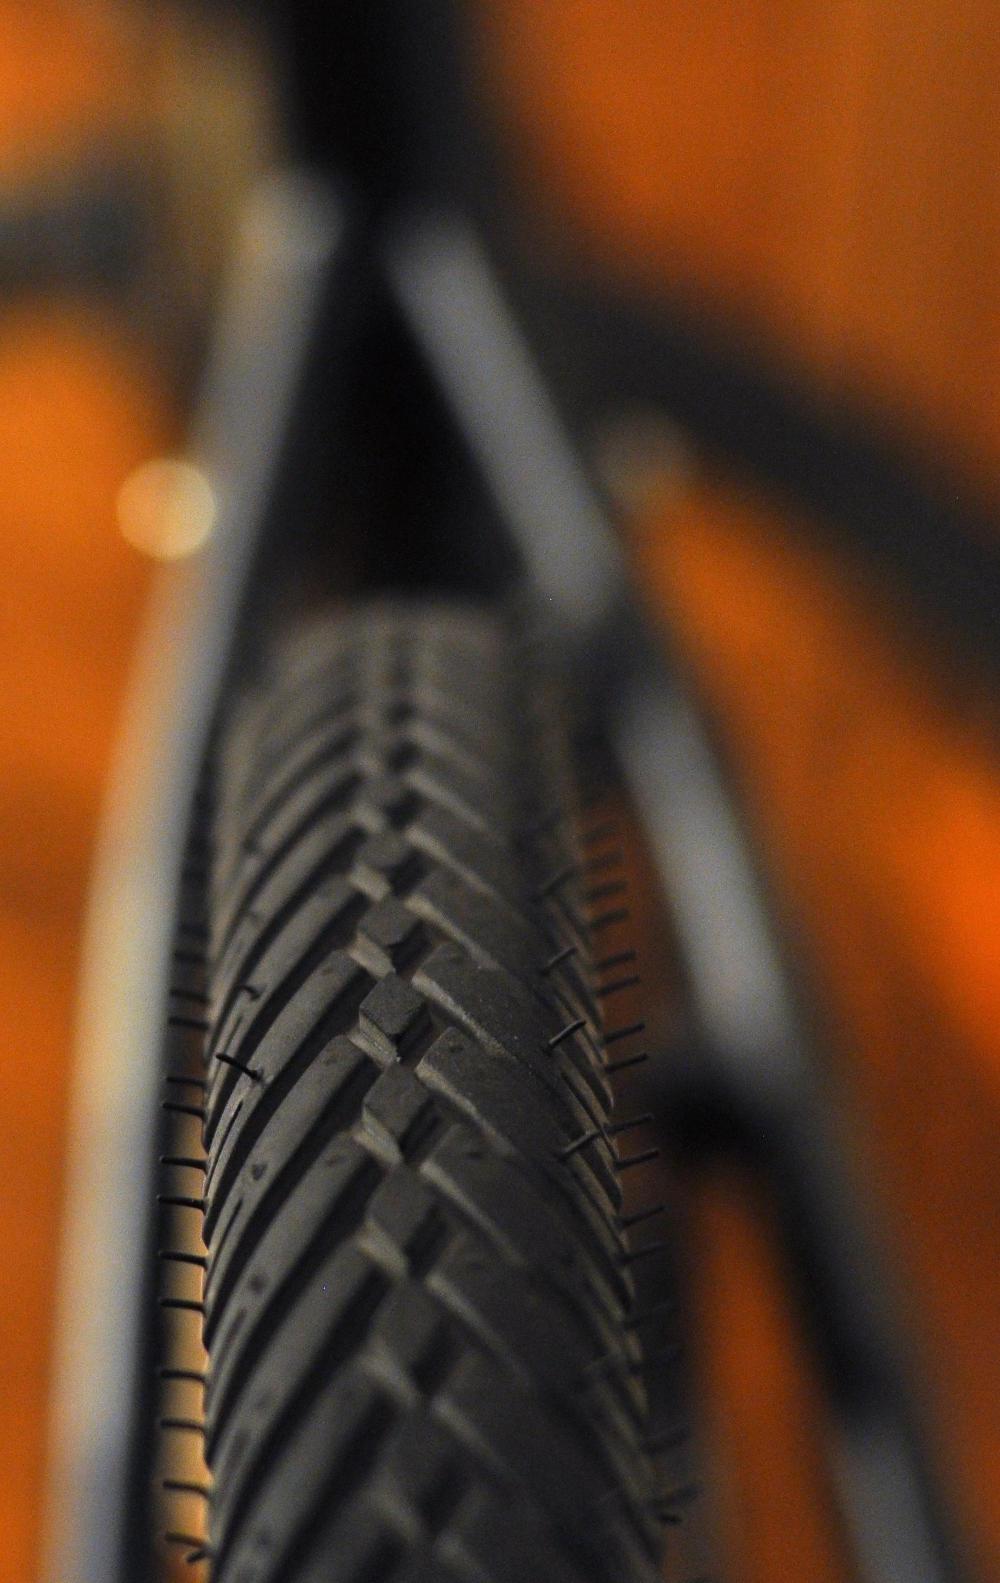 ikinci el bisiklet alirken dikkat edilecek 10 sey bisiklopedi bisiklet ansiklopedisi